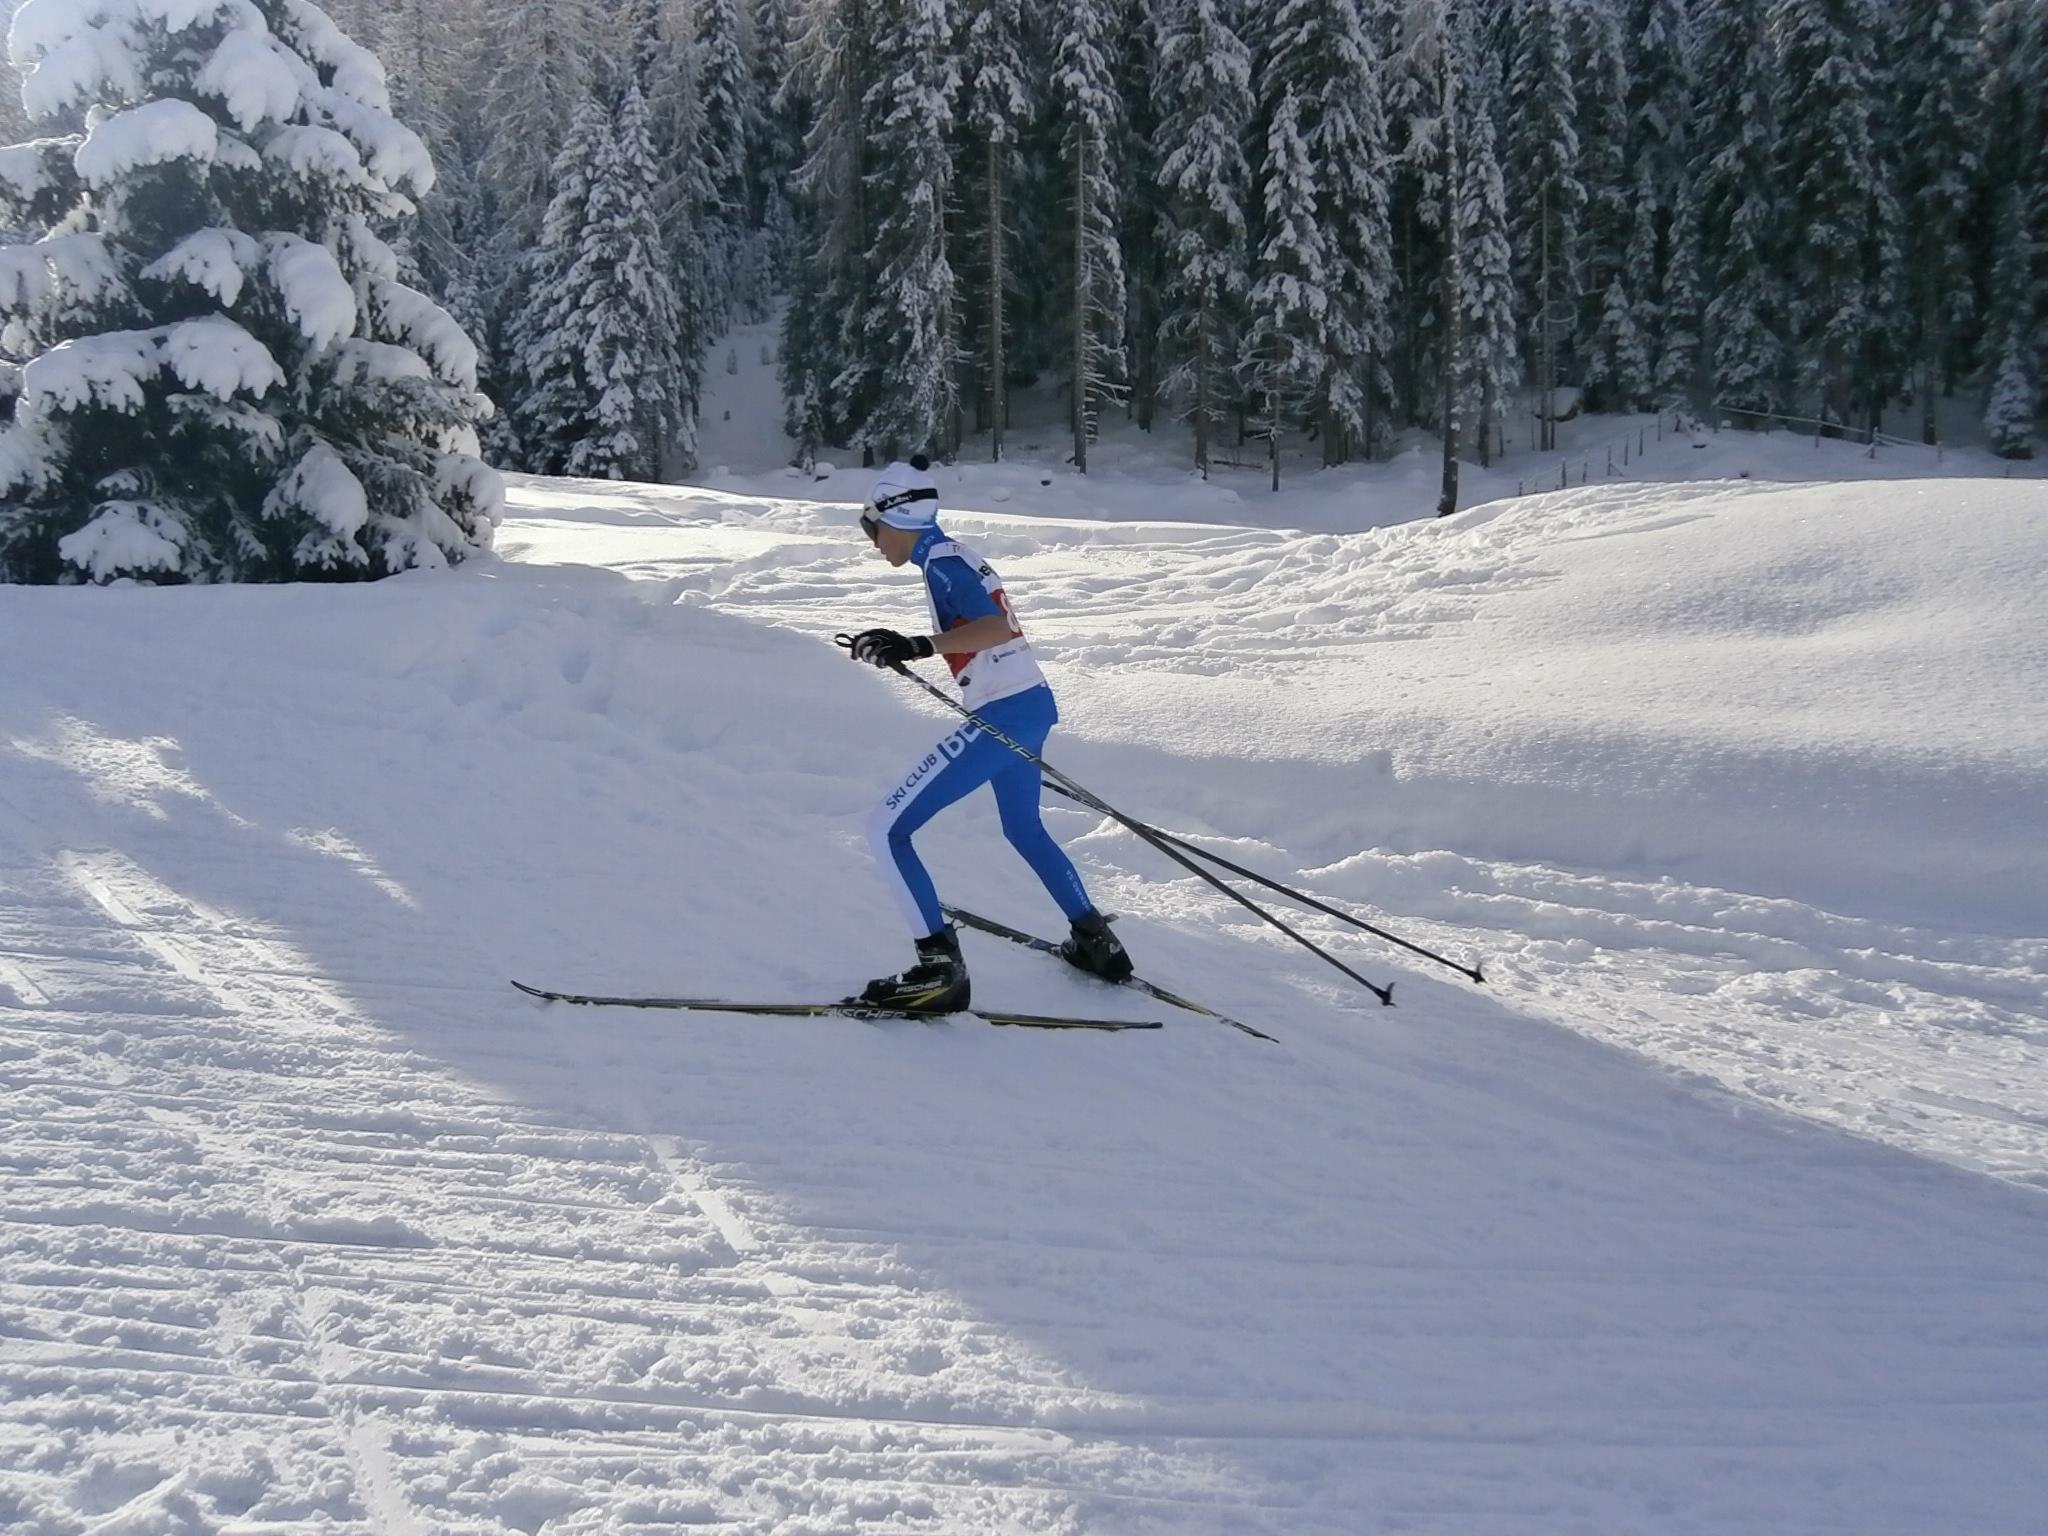 Championnats suisses U14 / U16 Davos